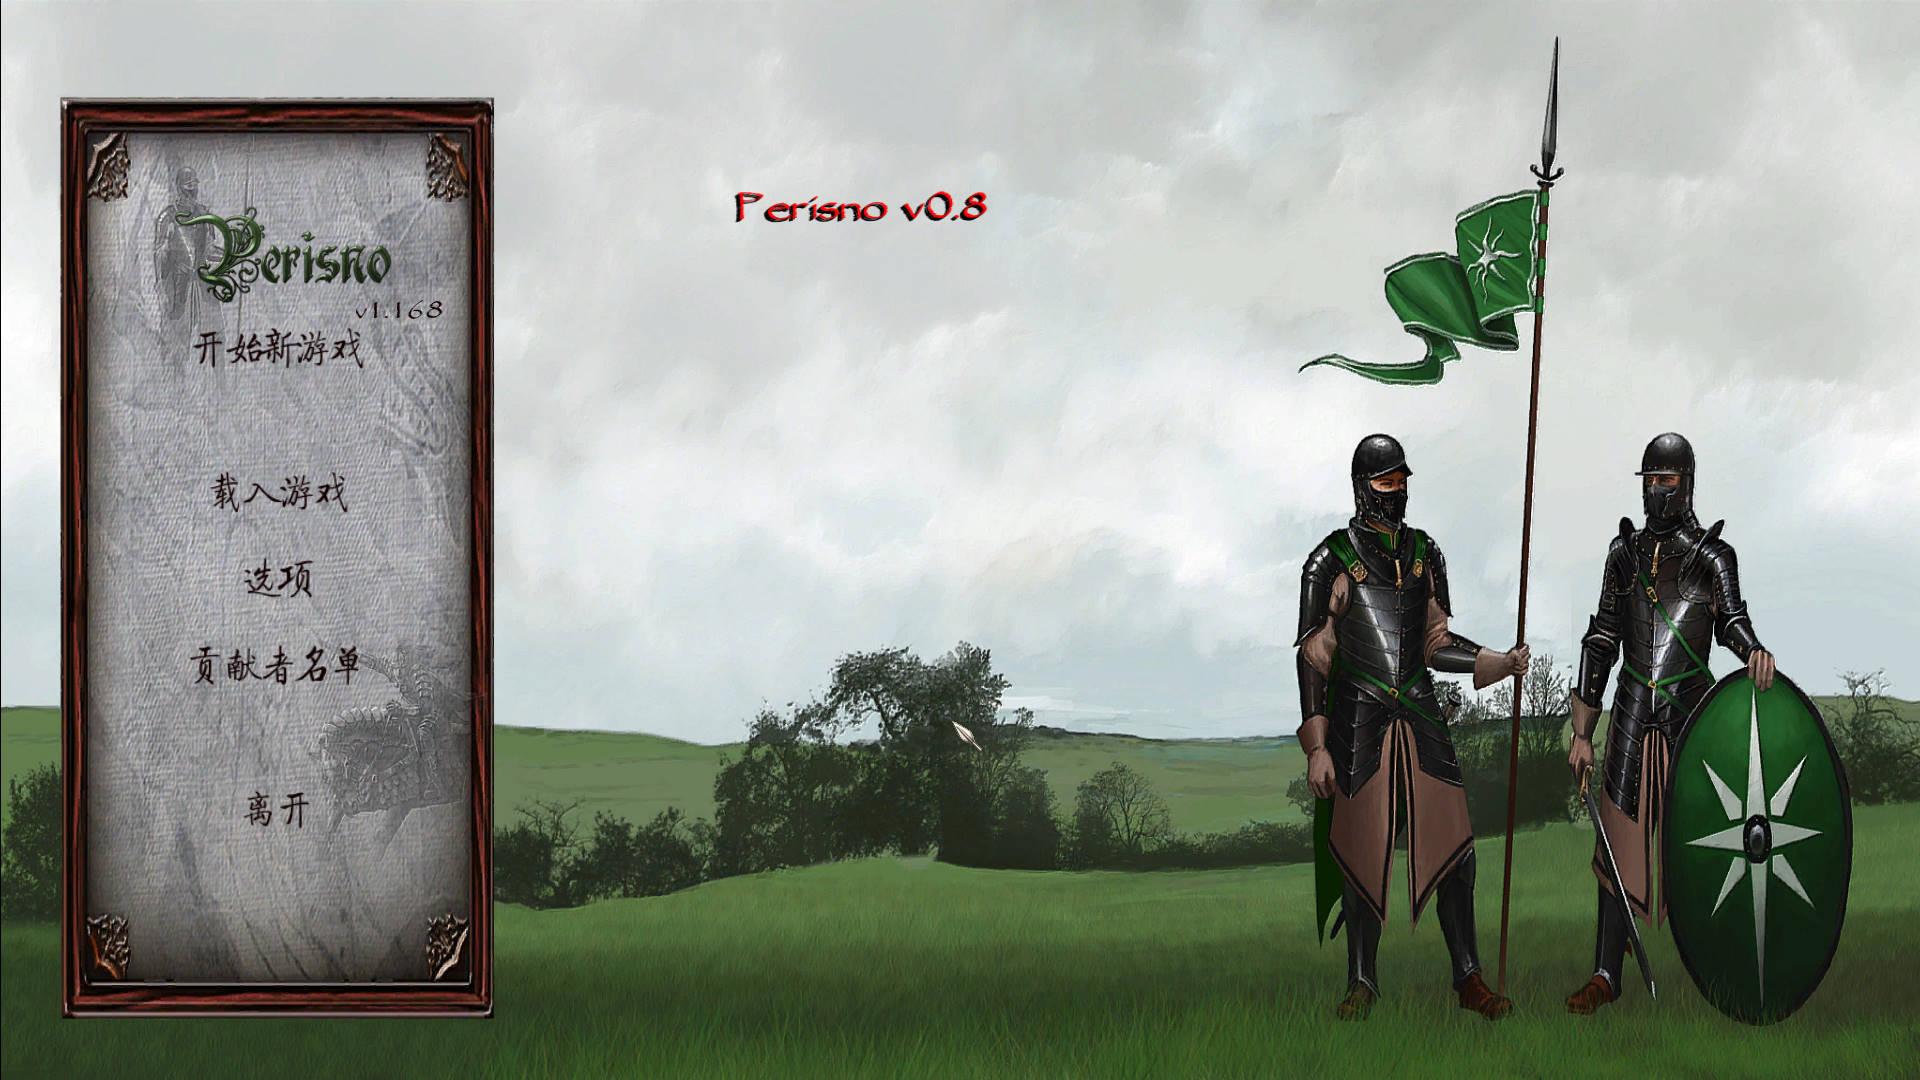 骑马与砍杀:佩里斯诺 游戏截图